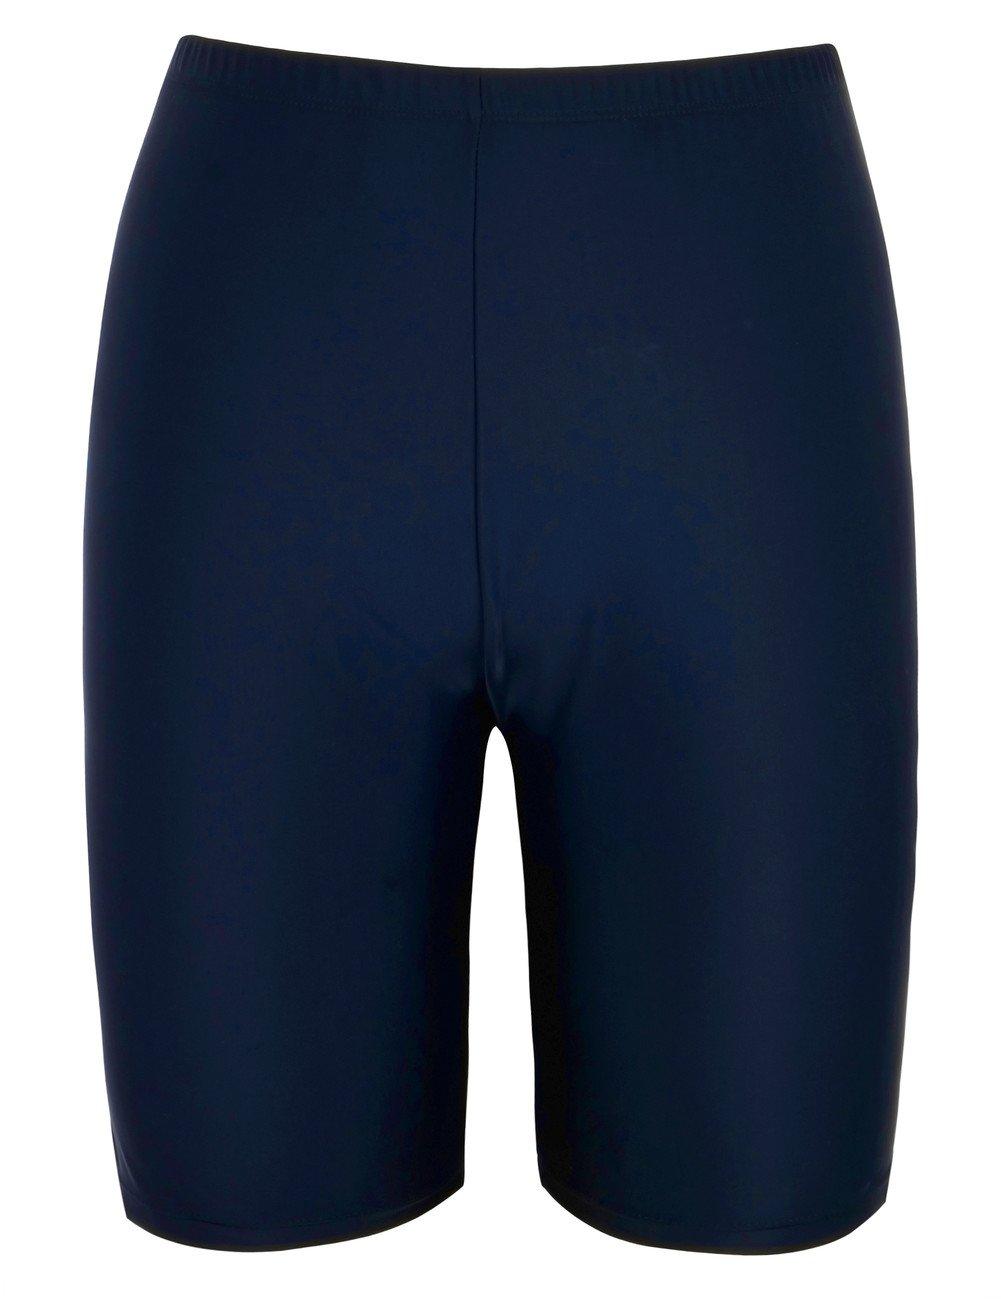 Firpearl Women's UPF50+ Sport Board Shorts Swimsuit Bottom Capris US8 Navy